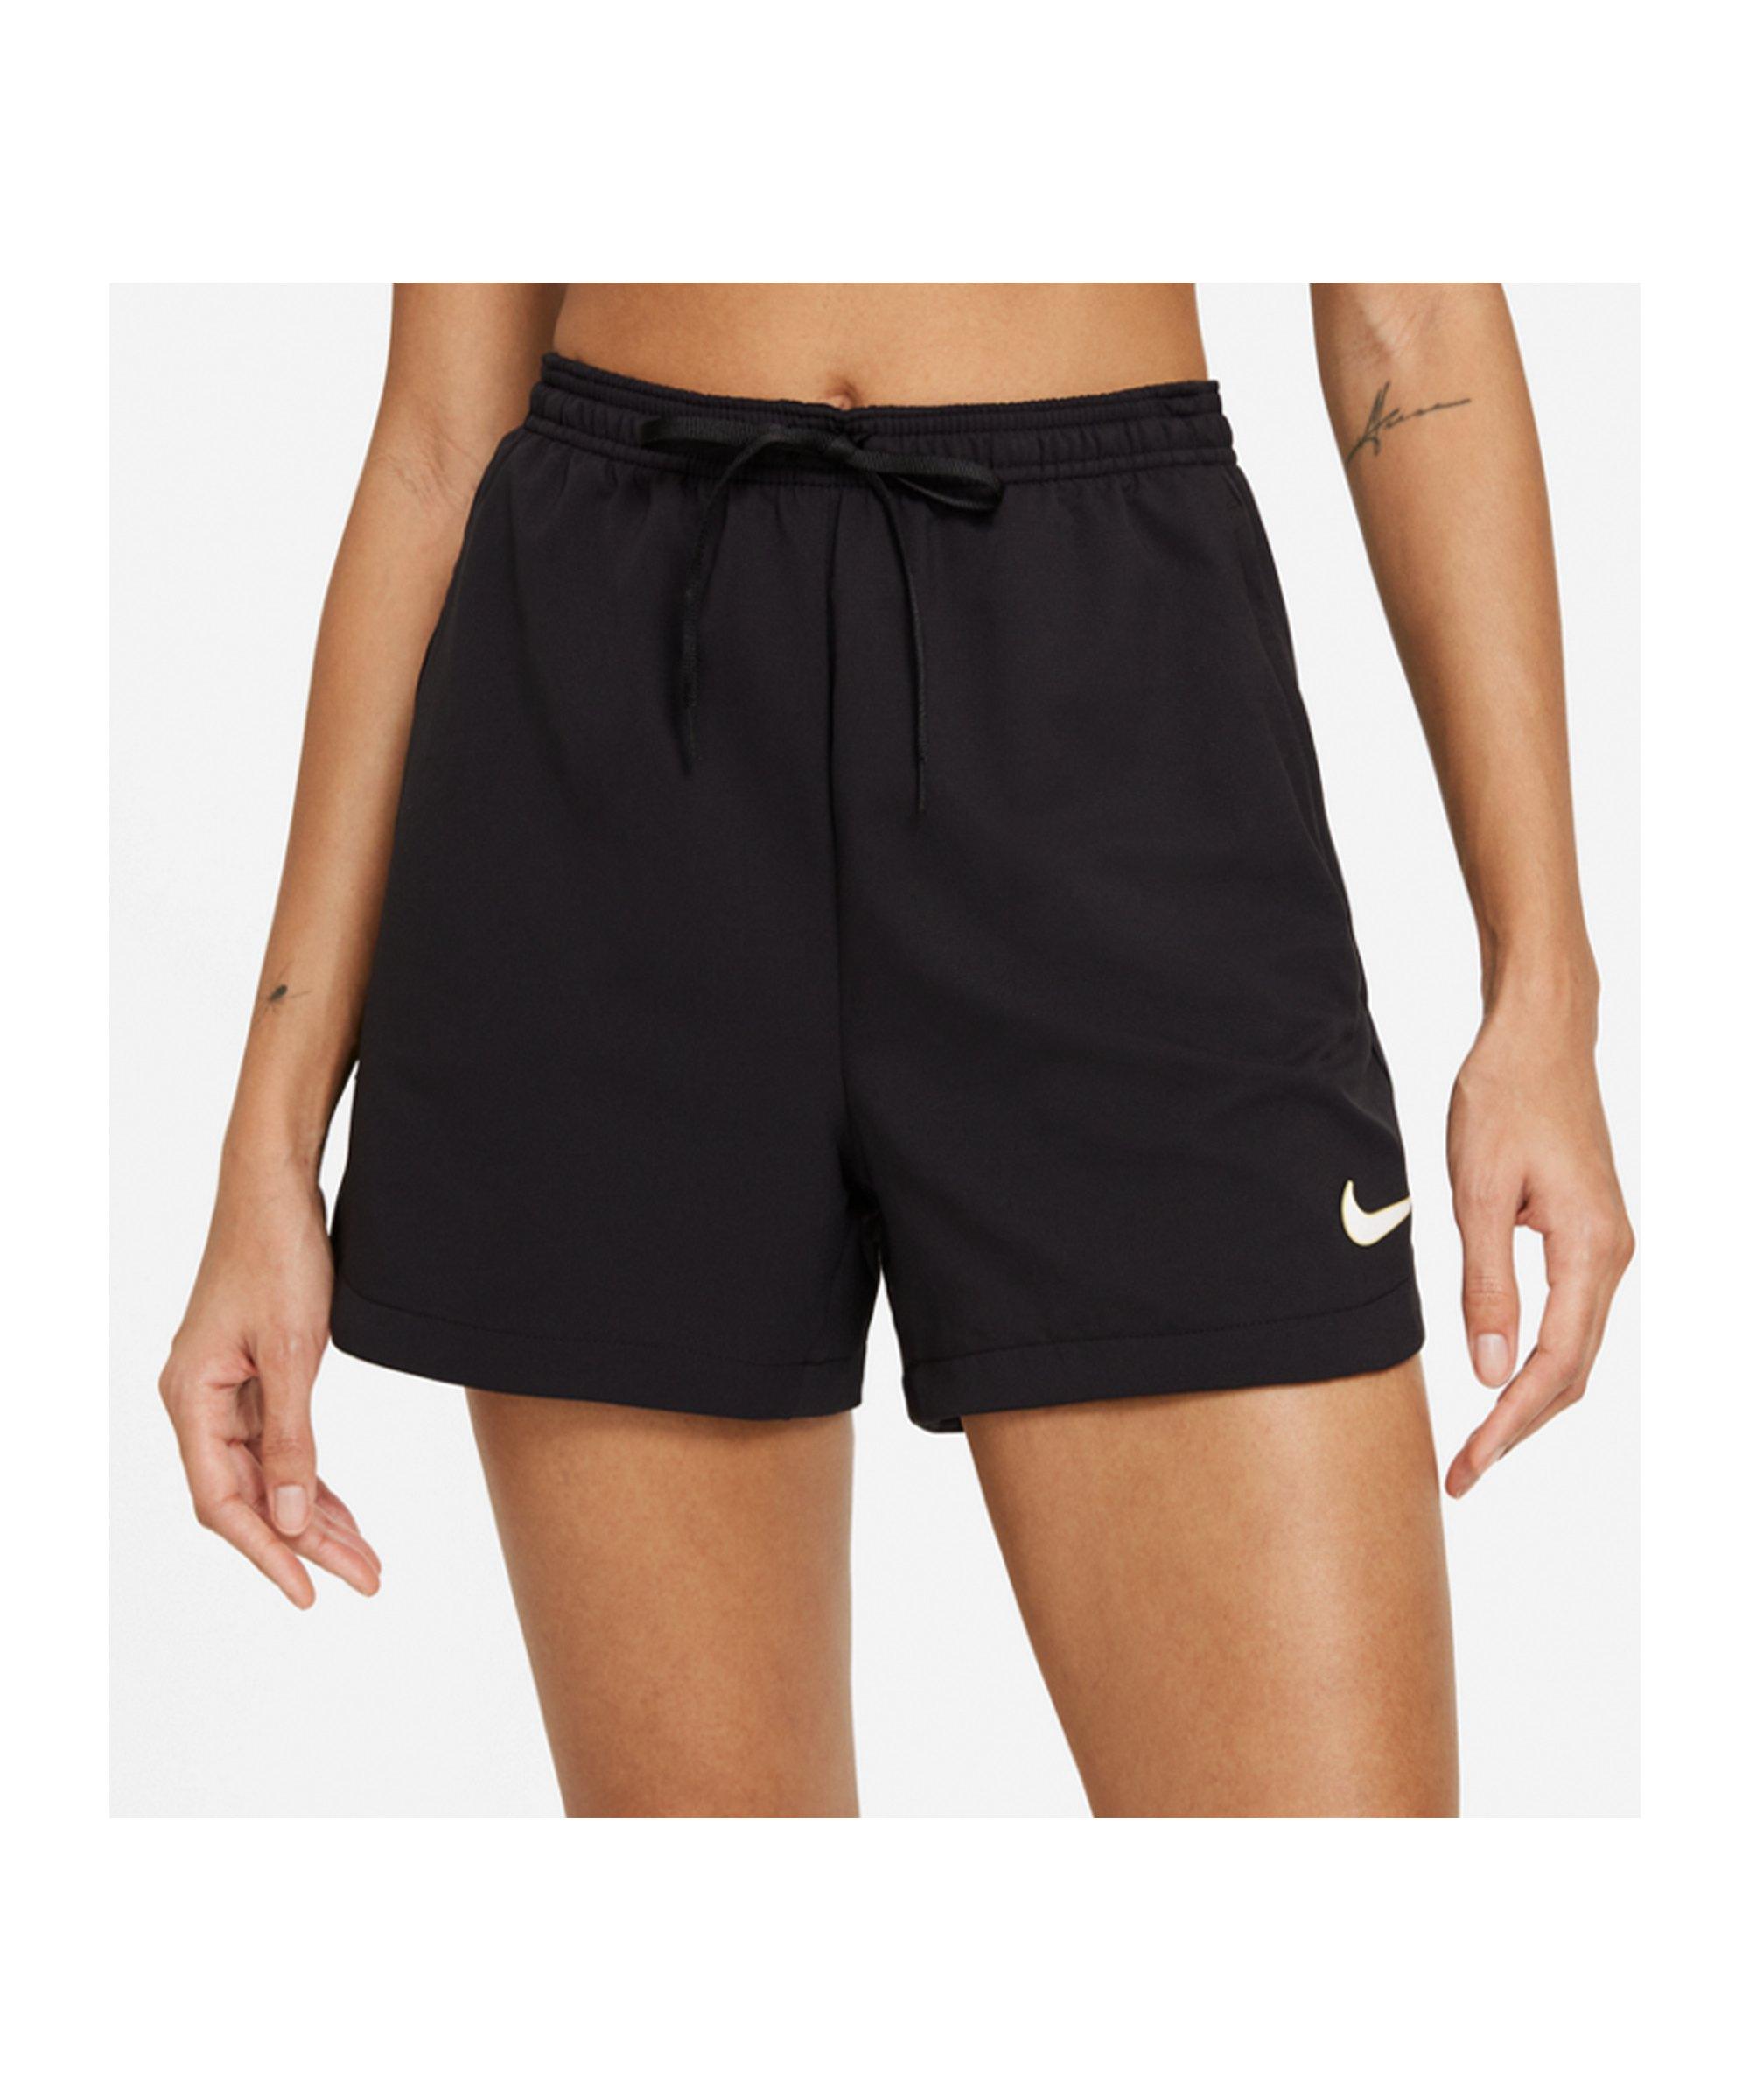 Nike F.C. Short Damen Schwarz F010 - schwarz